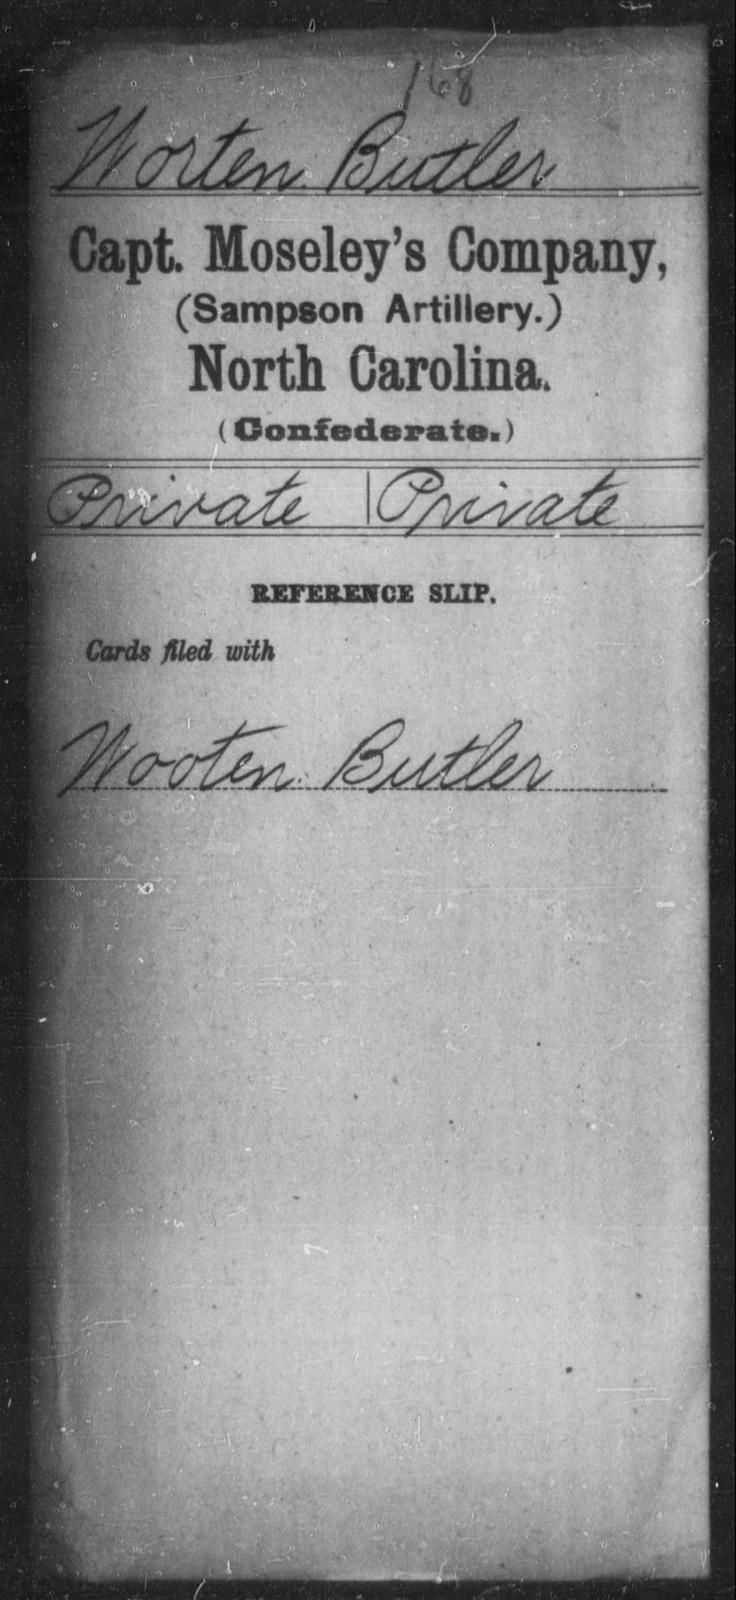 Worten, Butler - Thirteenth Battalion, Light Artillery AND Capt. Moseley's Co. (Sampson Artillery)